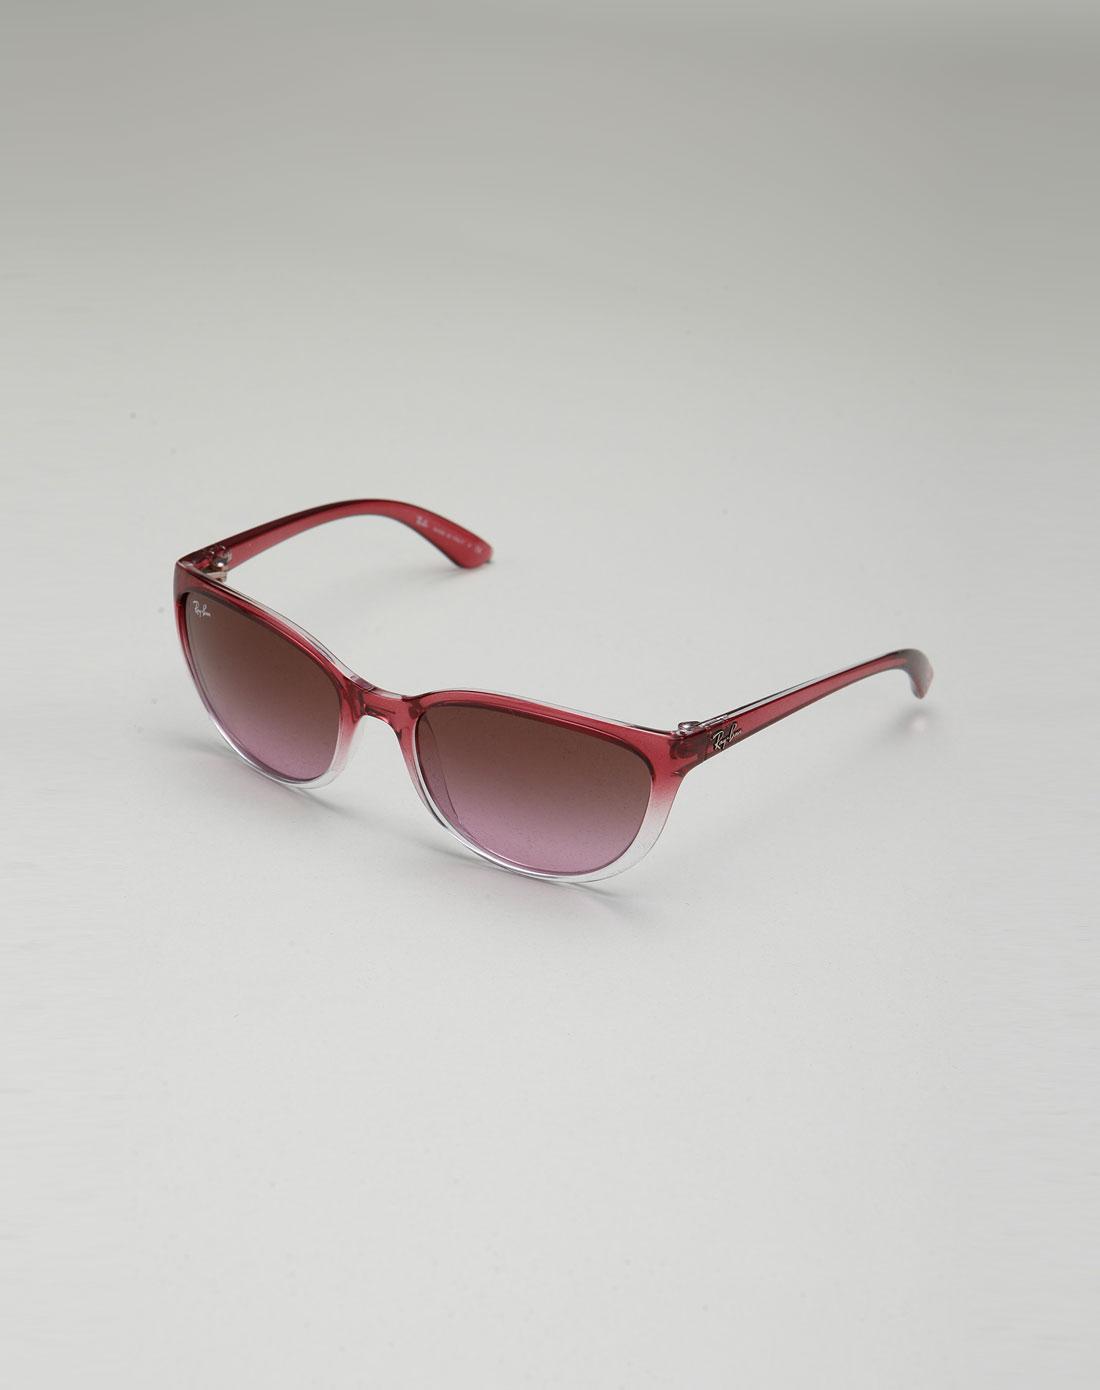 女性紫红/透明色渐变时尚太阳镜